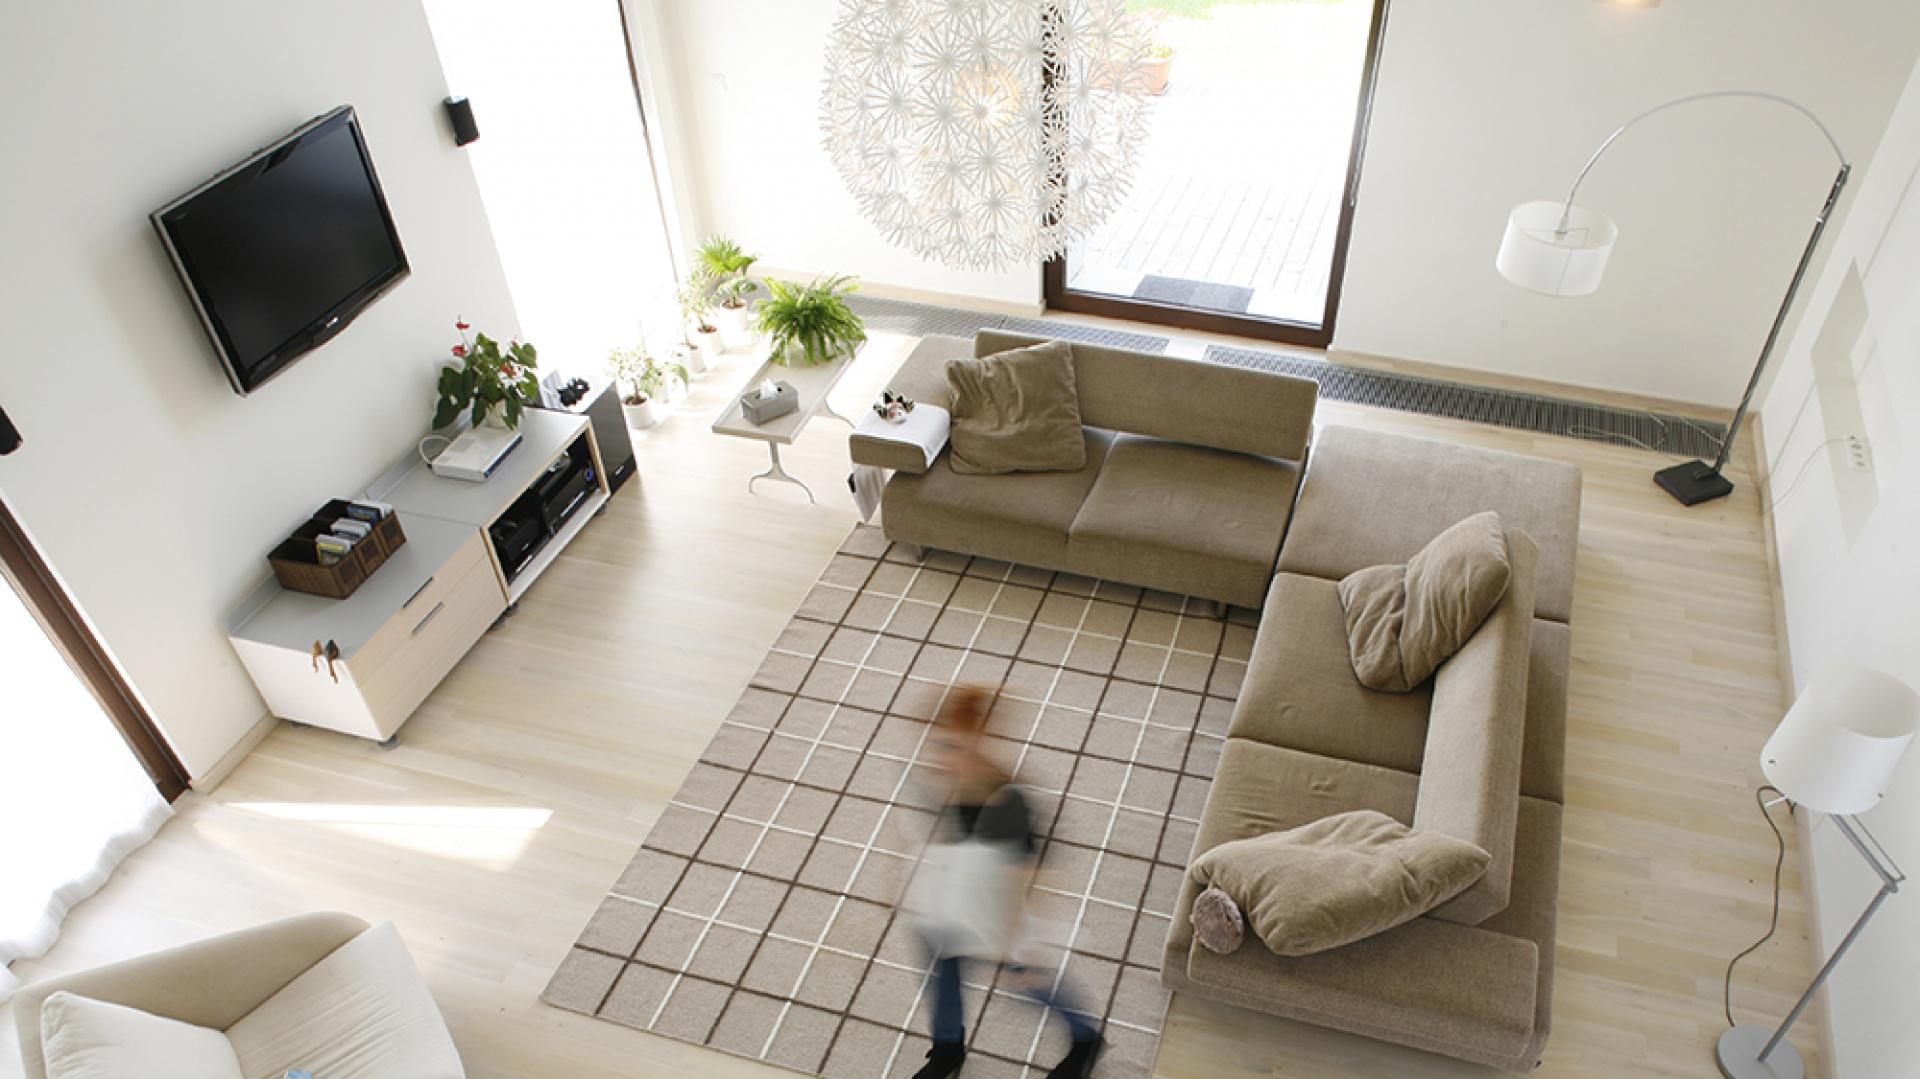 Salon z perspektywy holu na piętrze. Przestrzeń pełna oddechu, przestronna i zaaranżowana z konsekwencją. Fot. Monika Filipiuk.